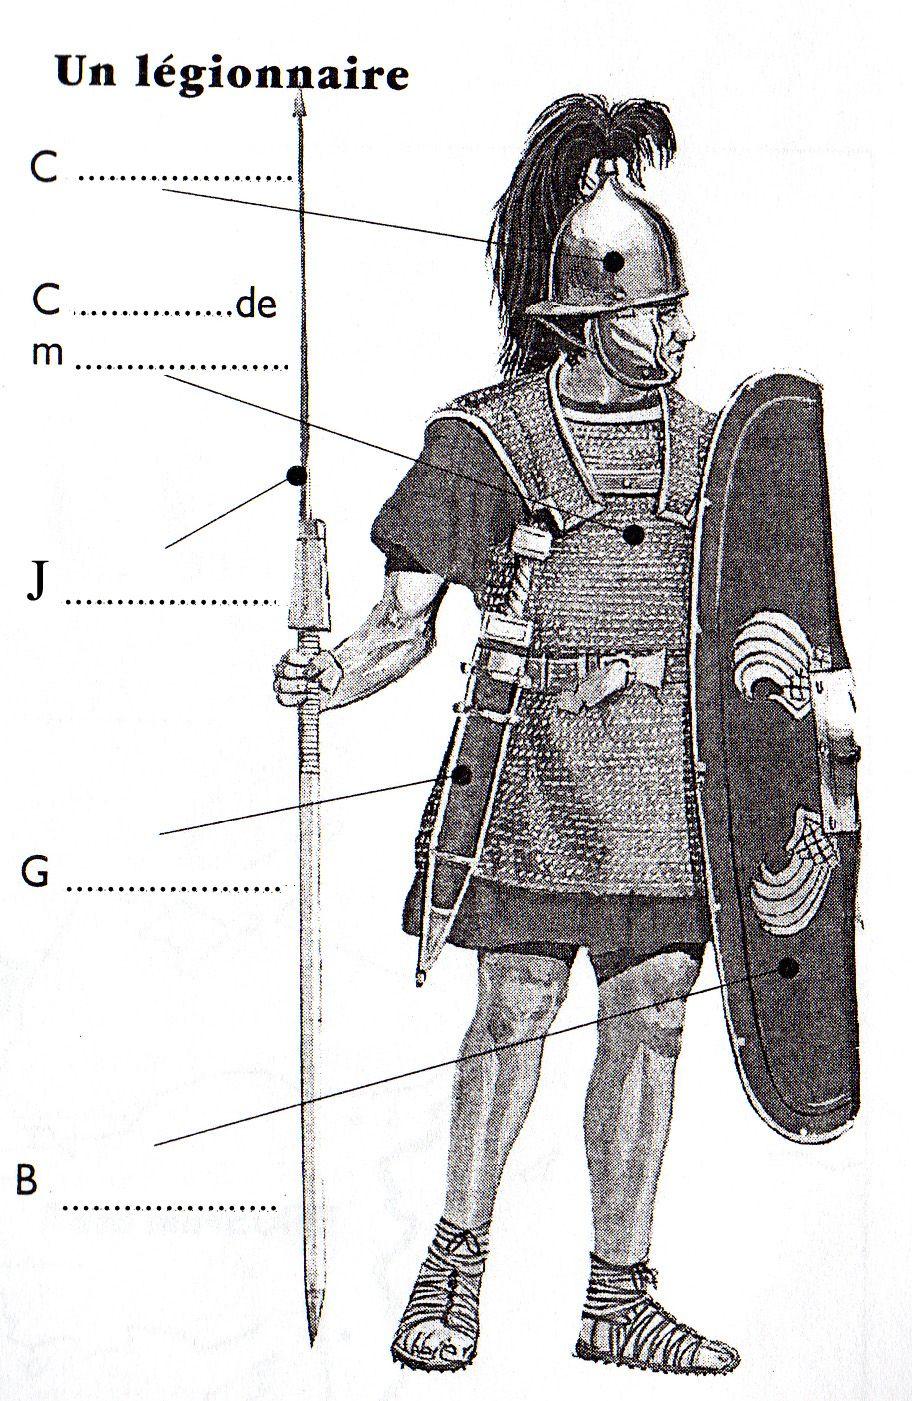 Schéma à compléter de l'armement d'un légionnaire